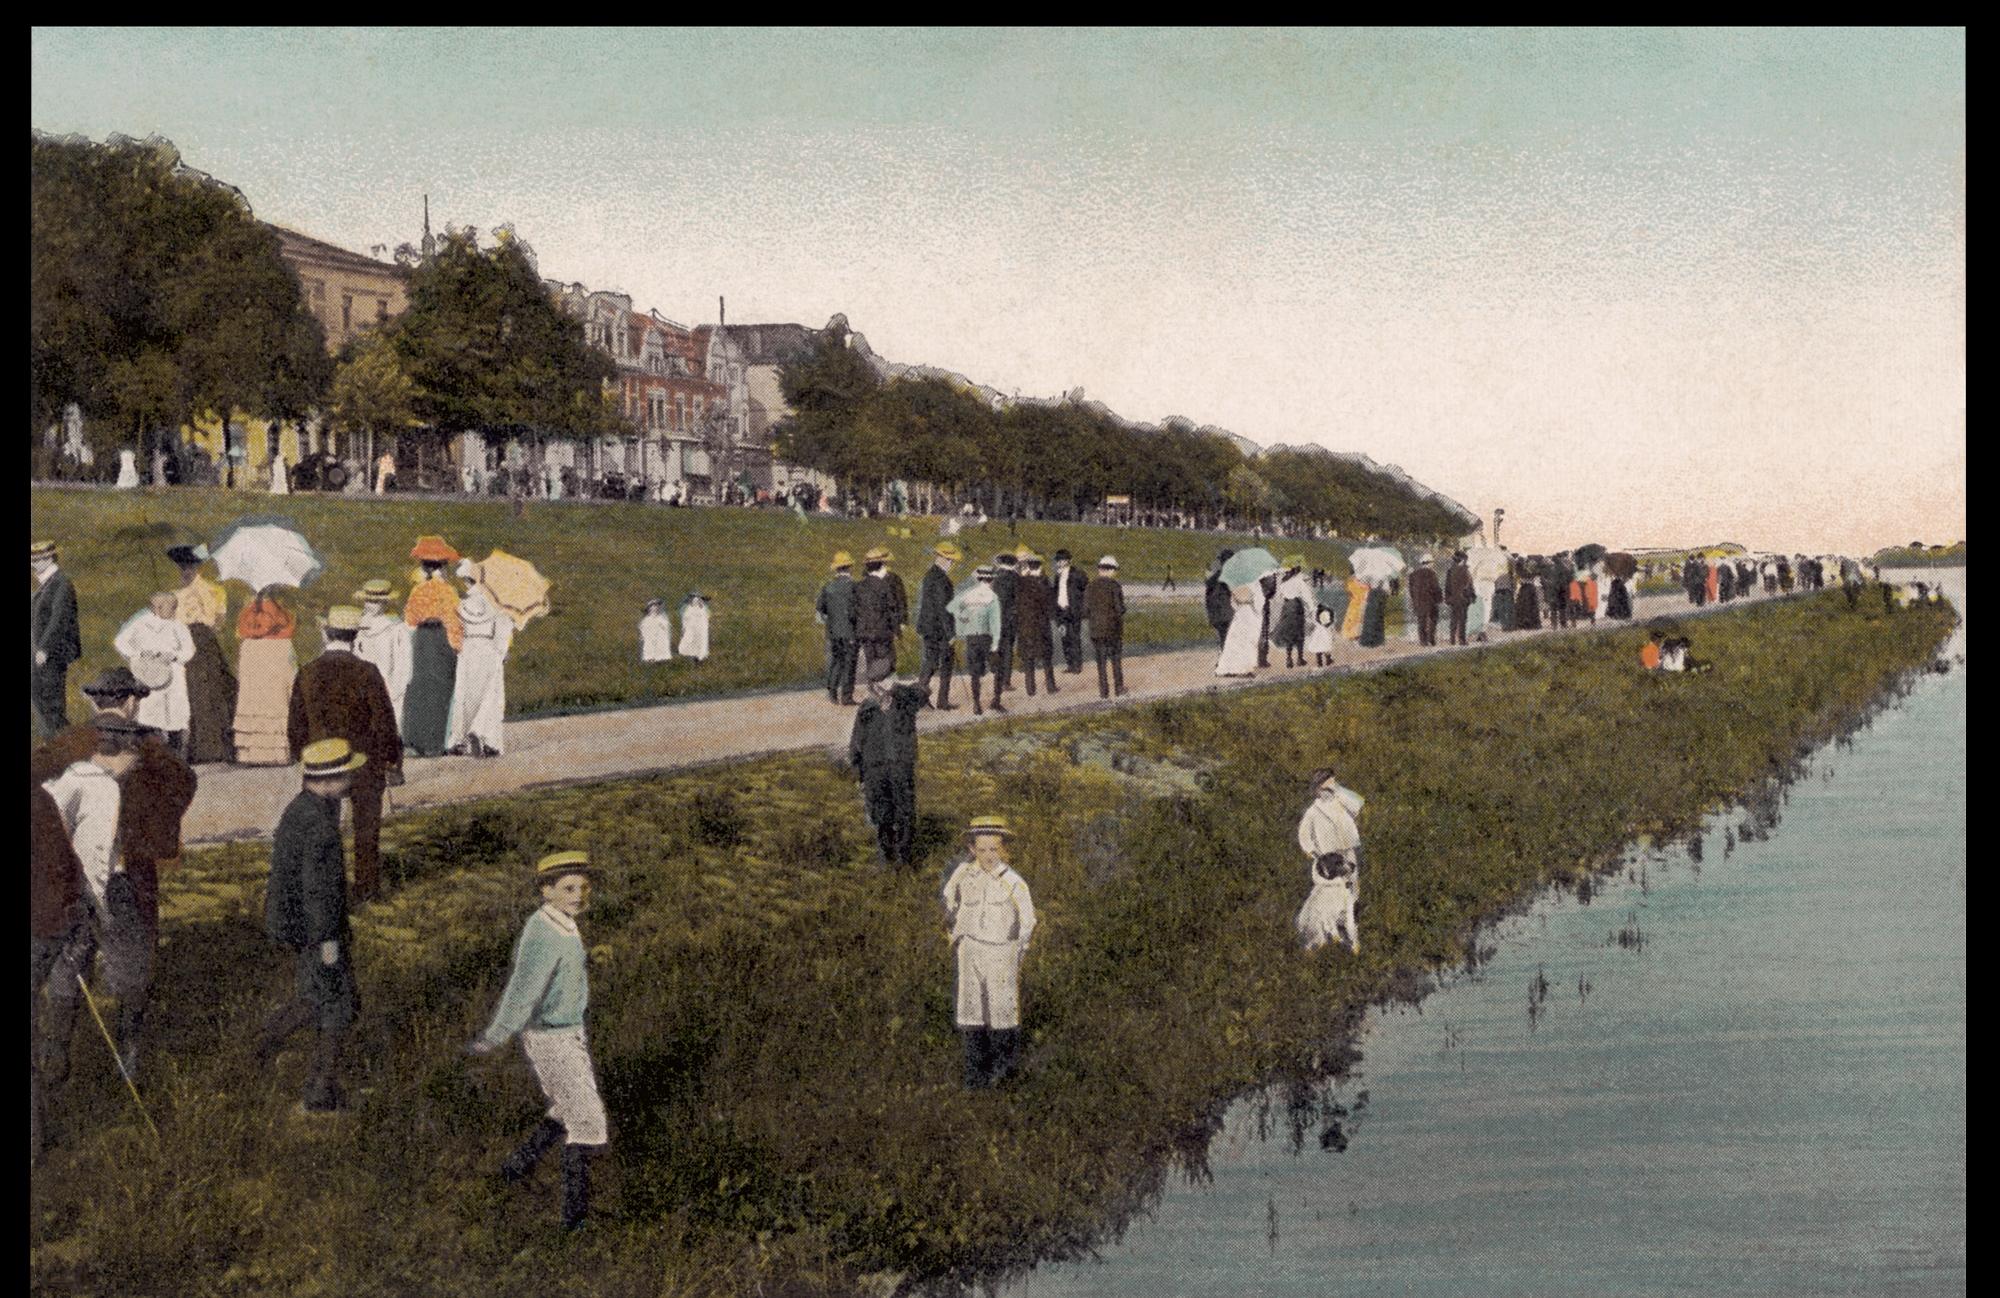 Flanieren auf der Strandpromenade am Osterdeich - col-A